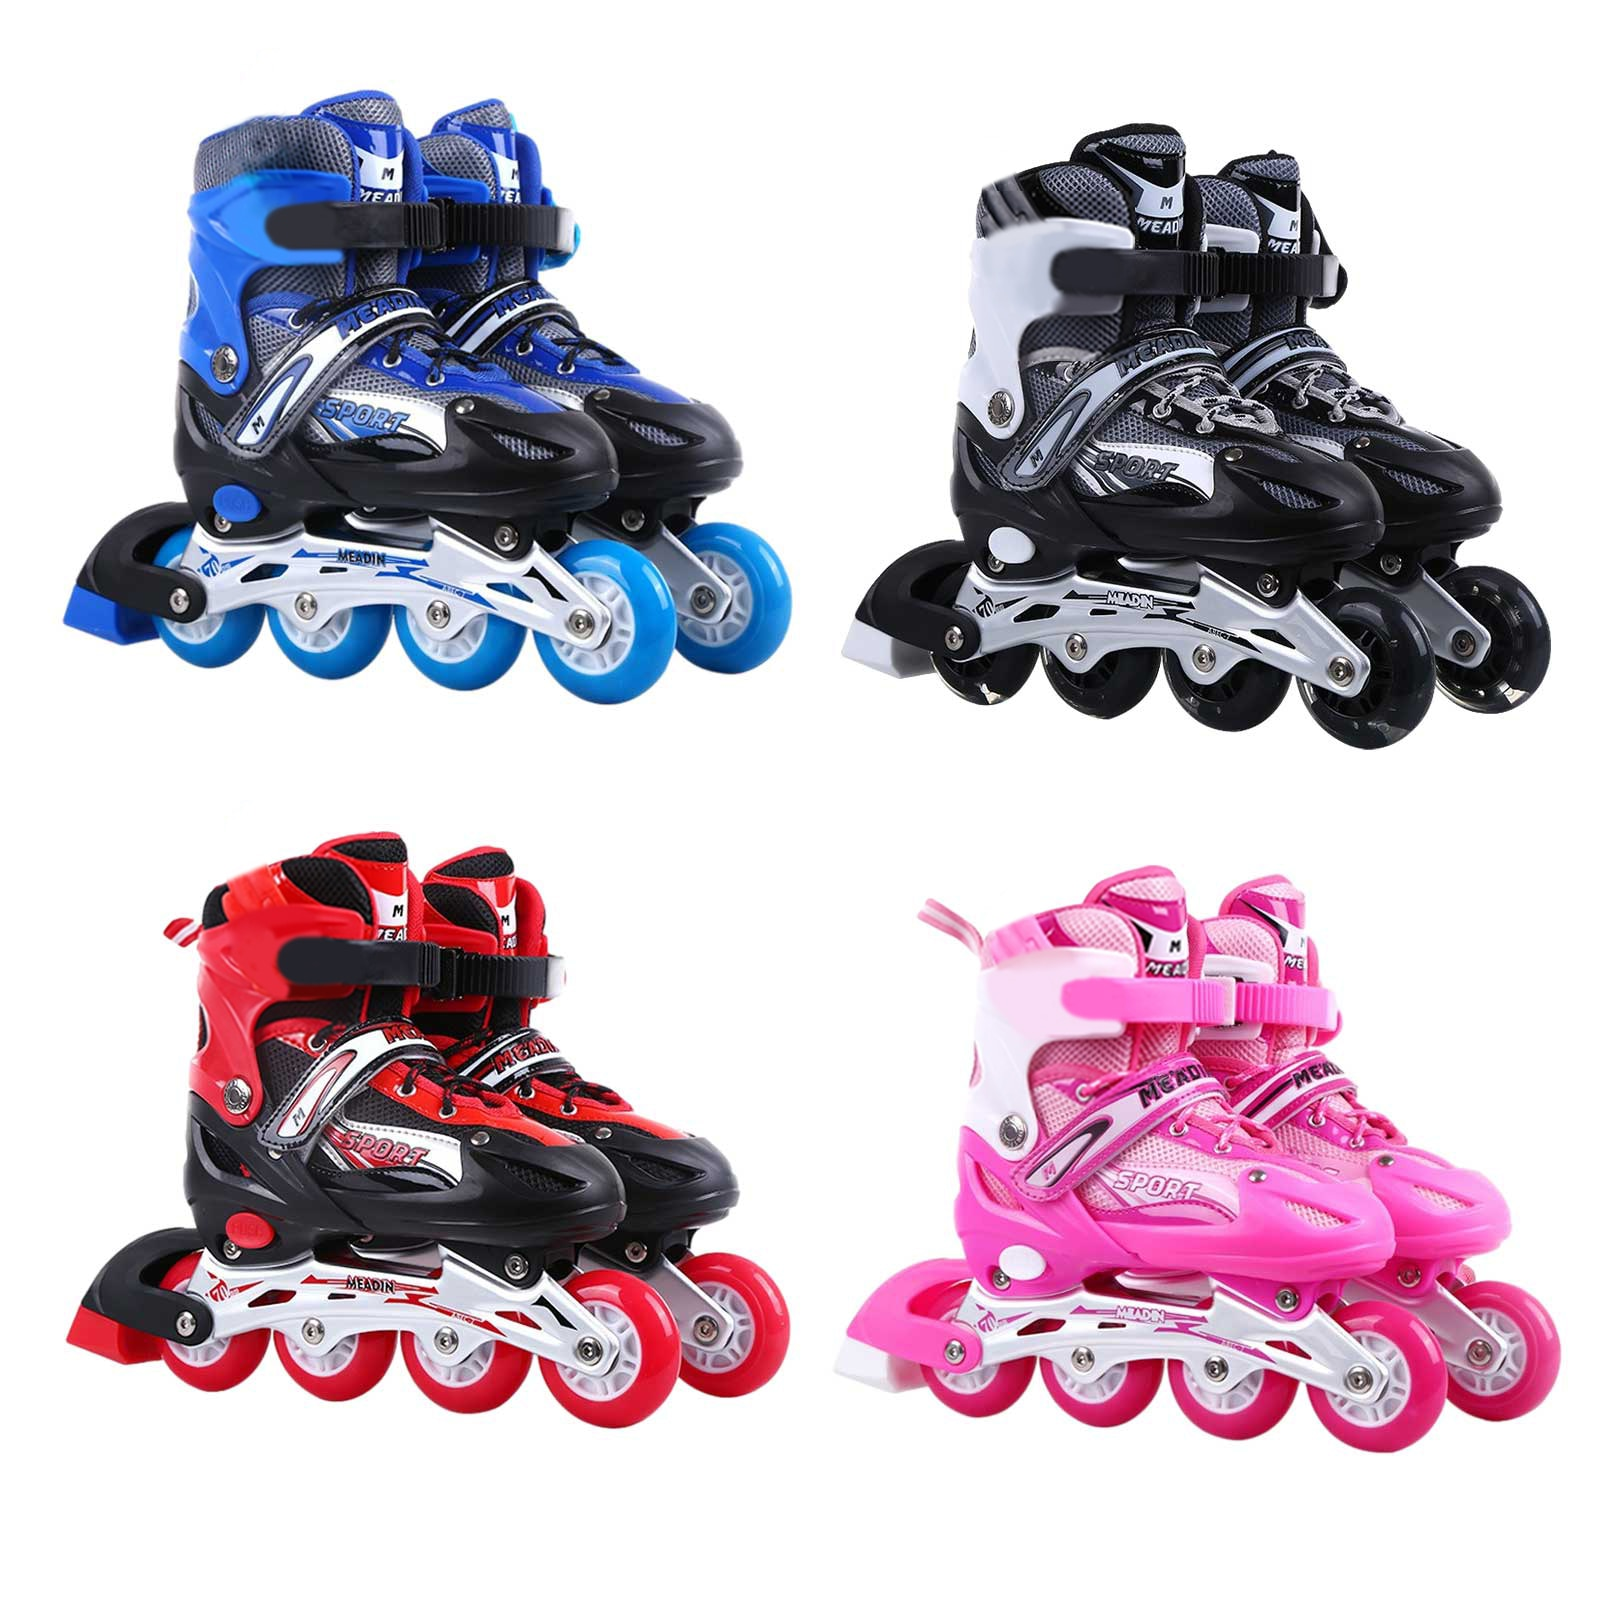 Детские роликовые коньки, регулируемые роликовые коньки светильник светящимися колесами, роликовые коньки для улицы, Детские регулируемые...